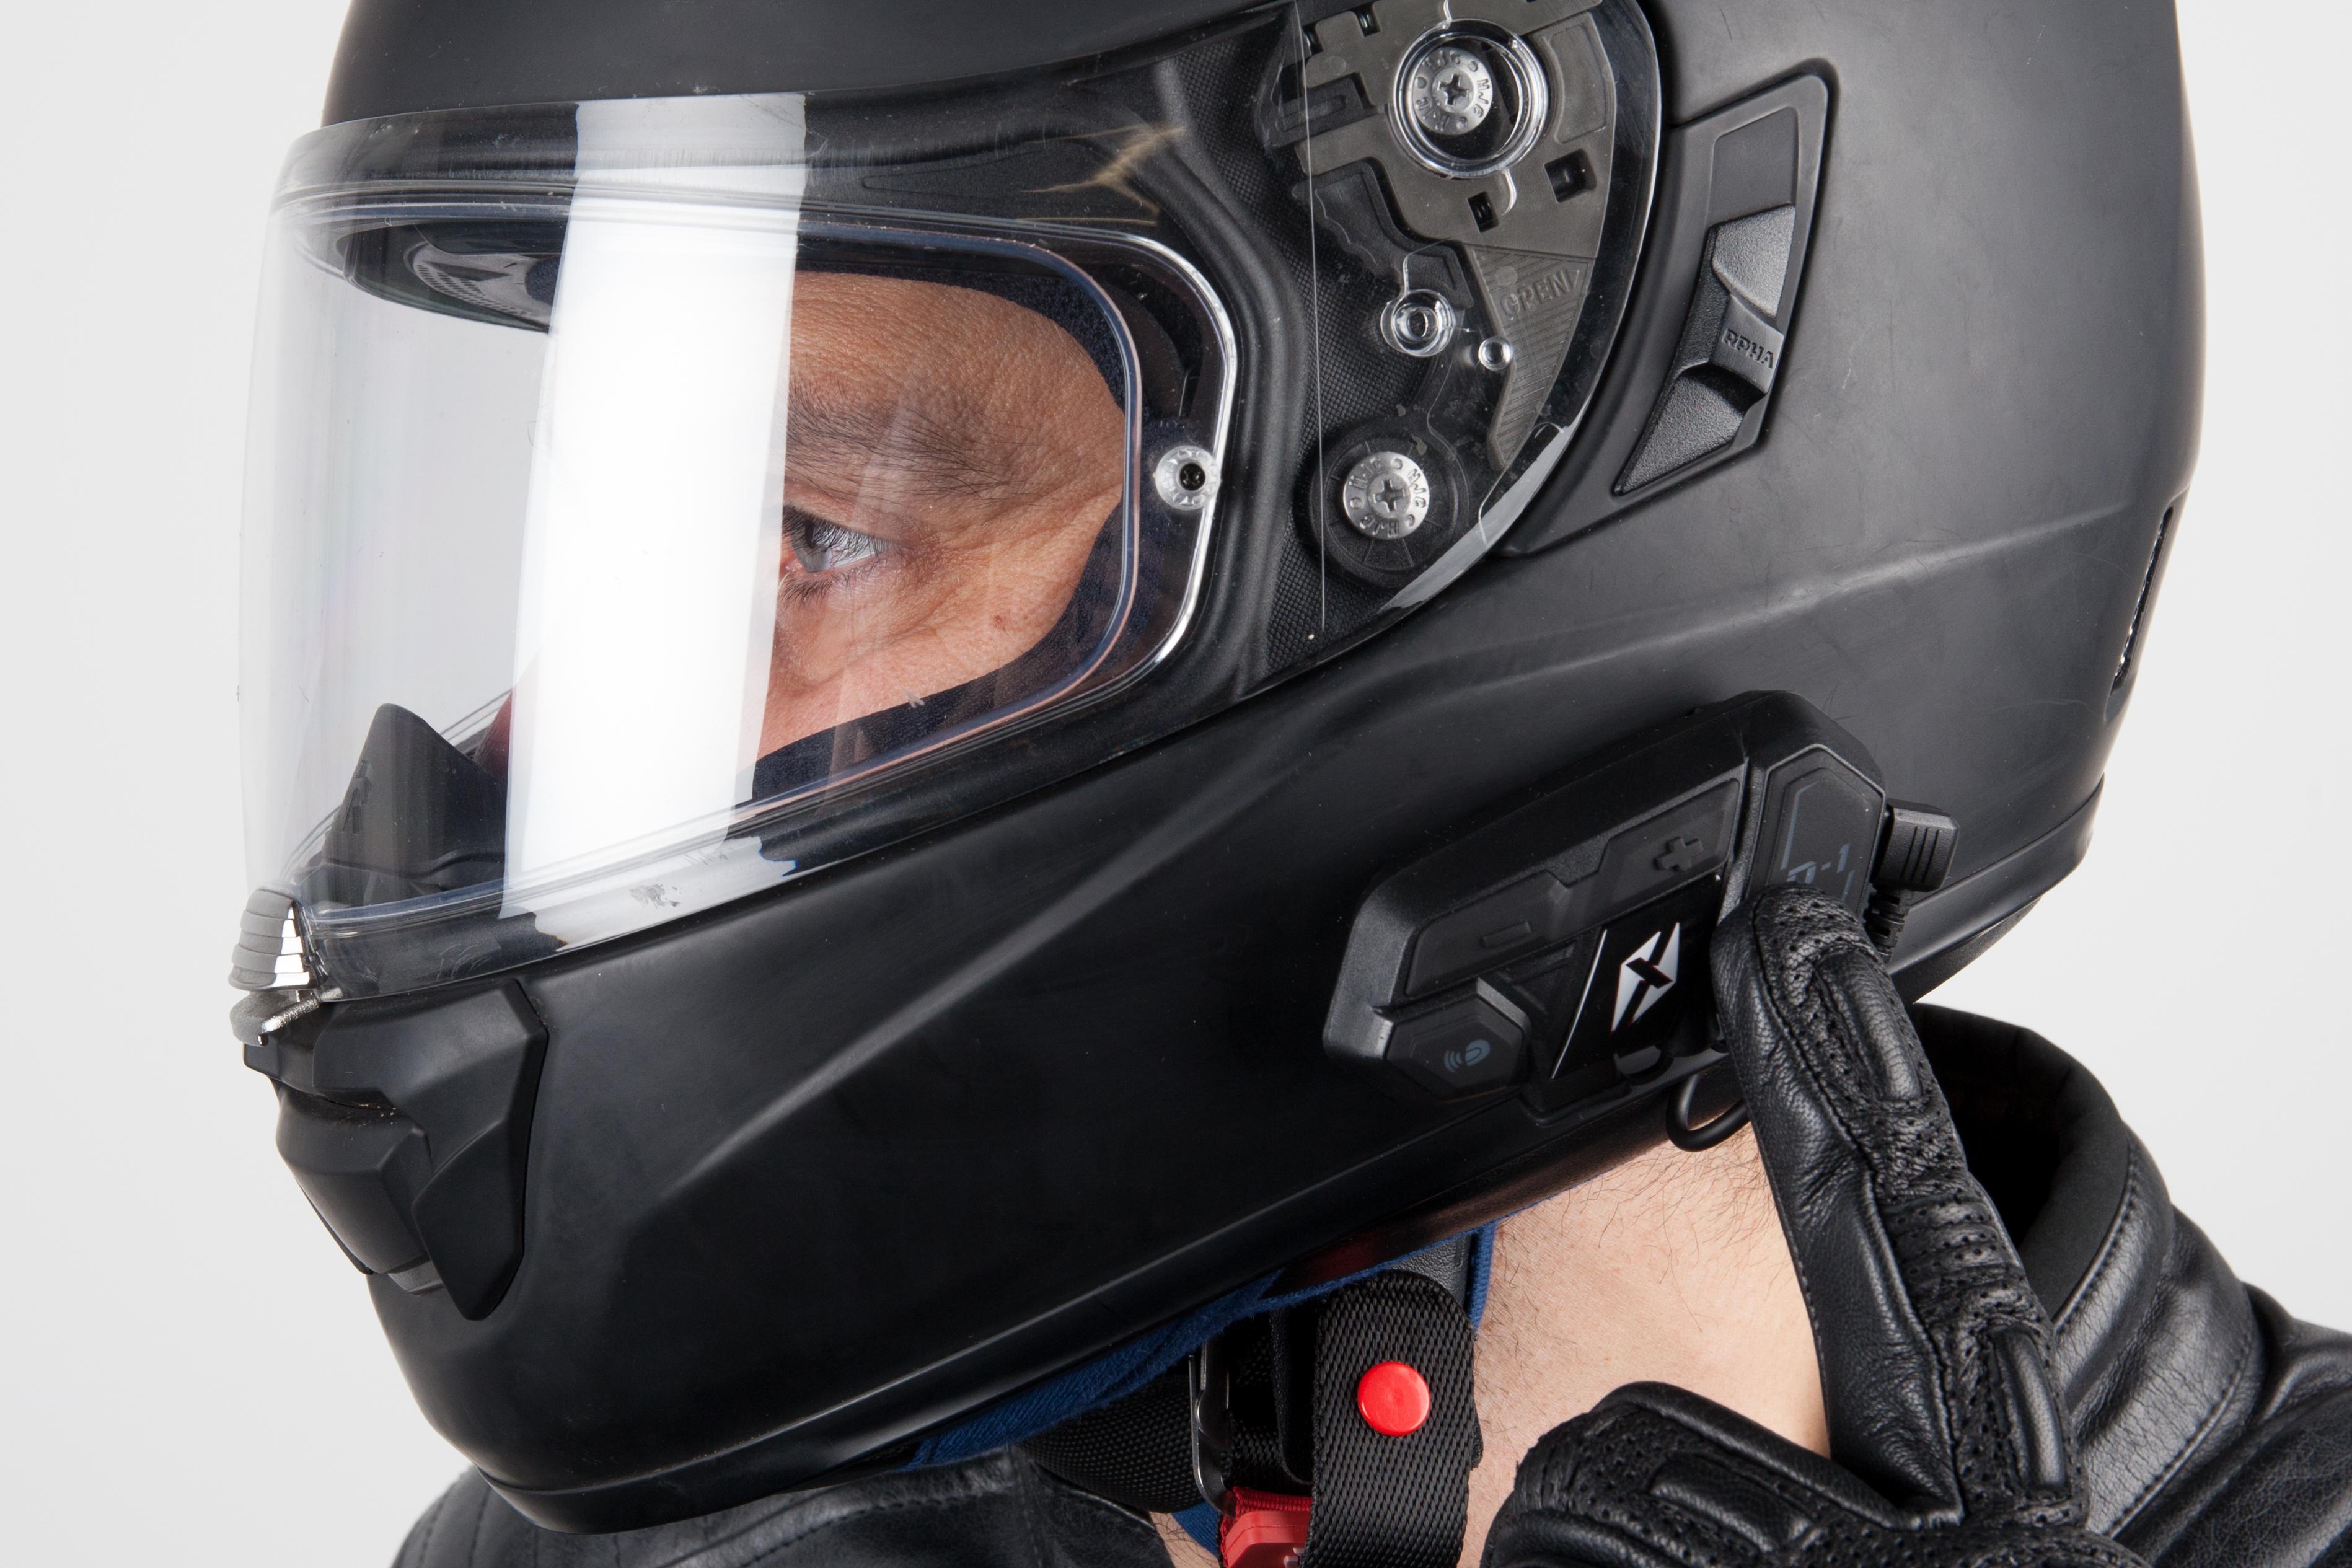 Comment choisir un intercom pour sa moto ?